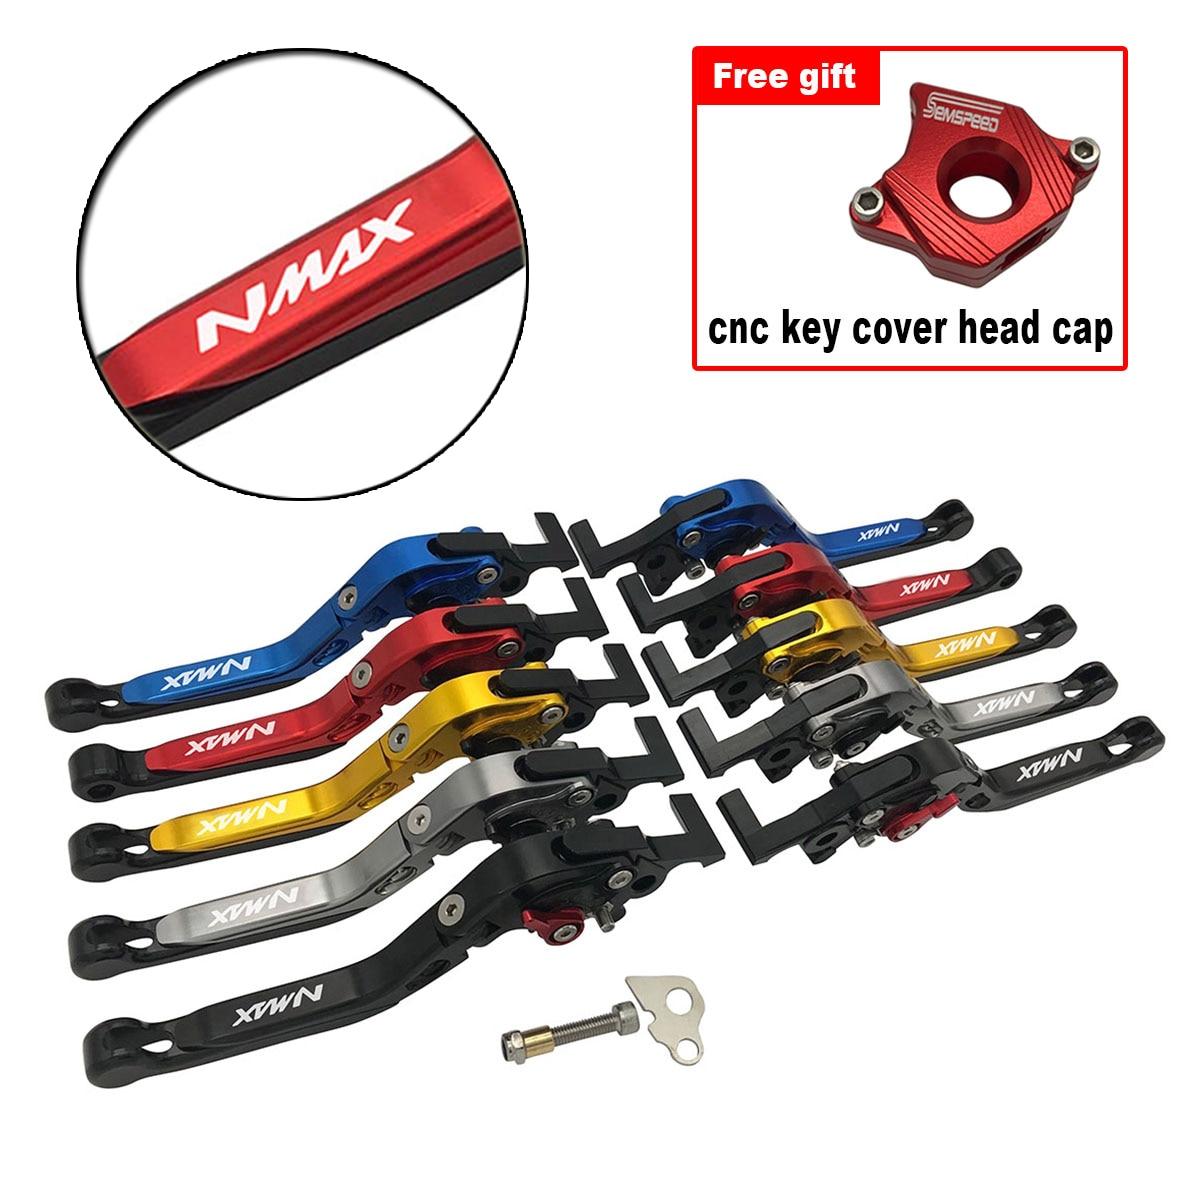 Juego de cubierta de llave de palancas de estacionamiento para YAMAHA N-MAX 155 150 125 NMAX 155 N-MAX 150 155 Scooter plegable palancas de embrague de freno extensibles